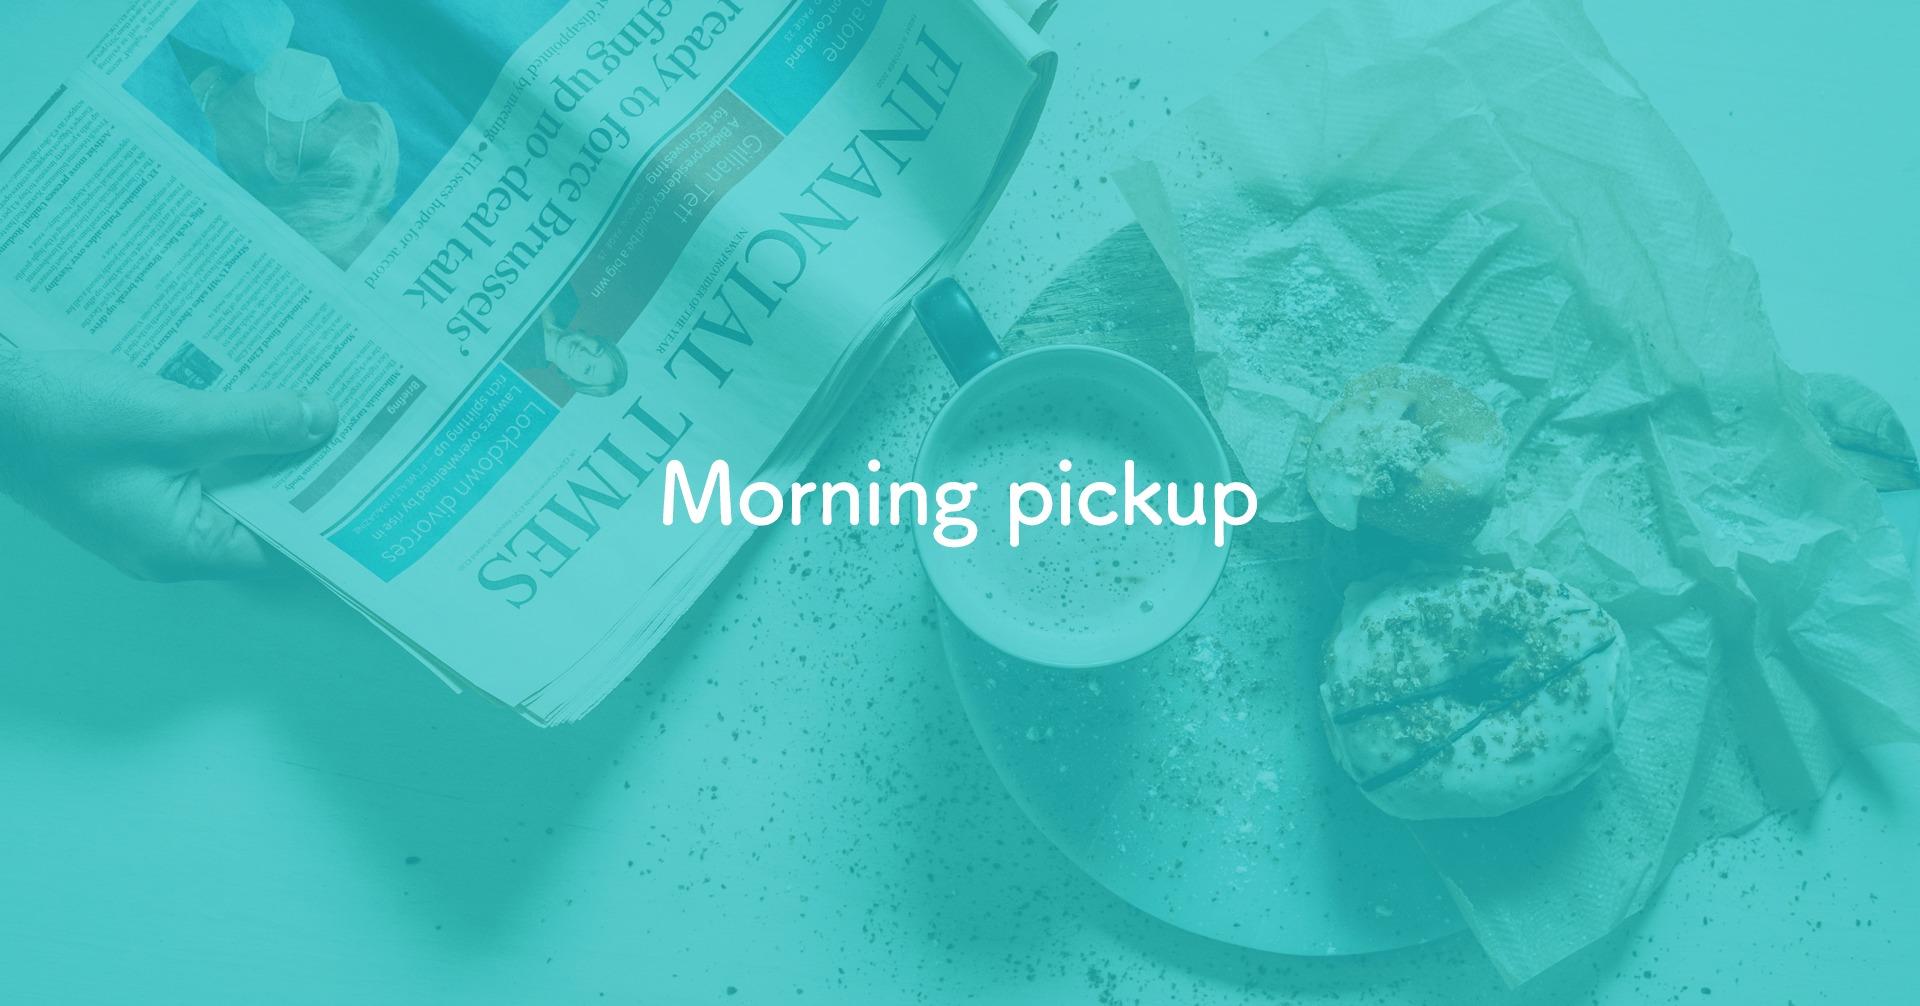 Morning pickup